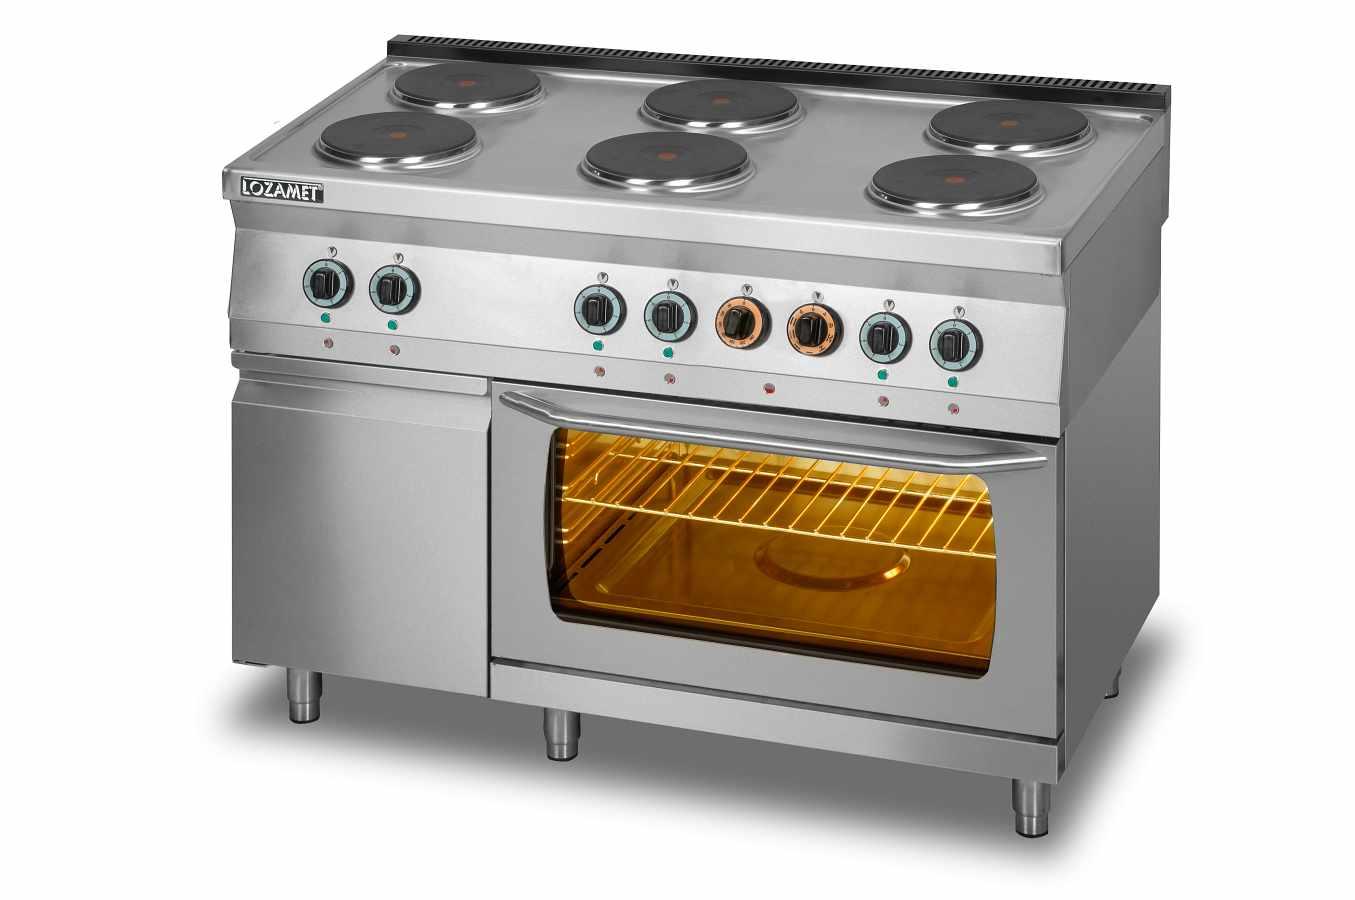 Kuchnie elektryczne z piekarnikiem  KUCHNIA ELEKTRYCZNA L700 KEO6 PE+SD -> Kuchnia Elektryczna Z Piekarnikiem Elektrycznym